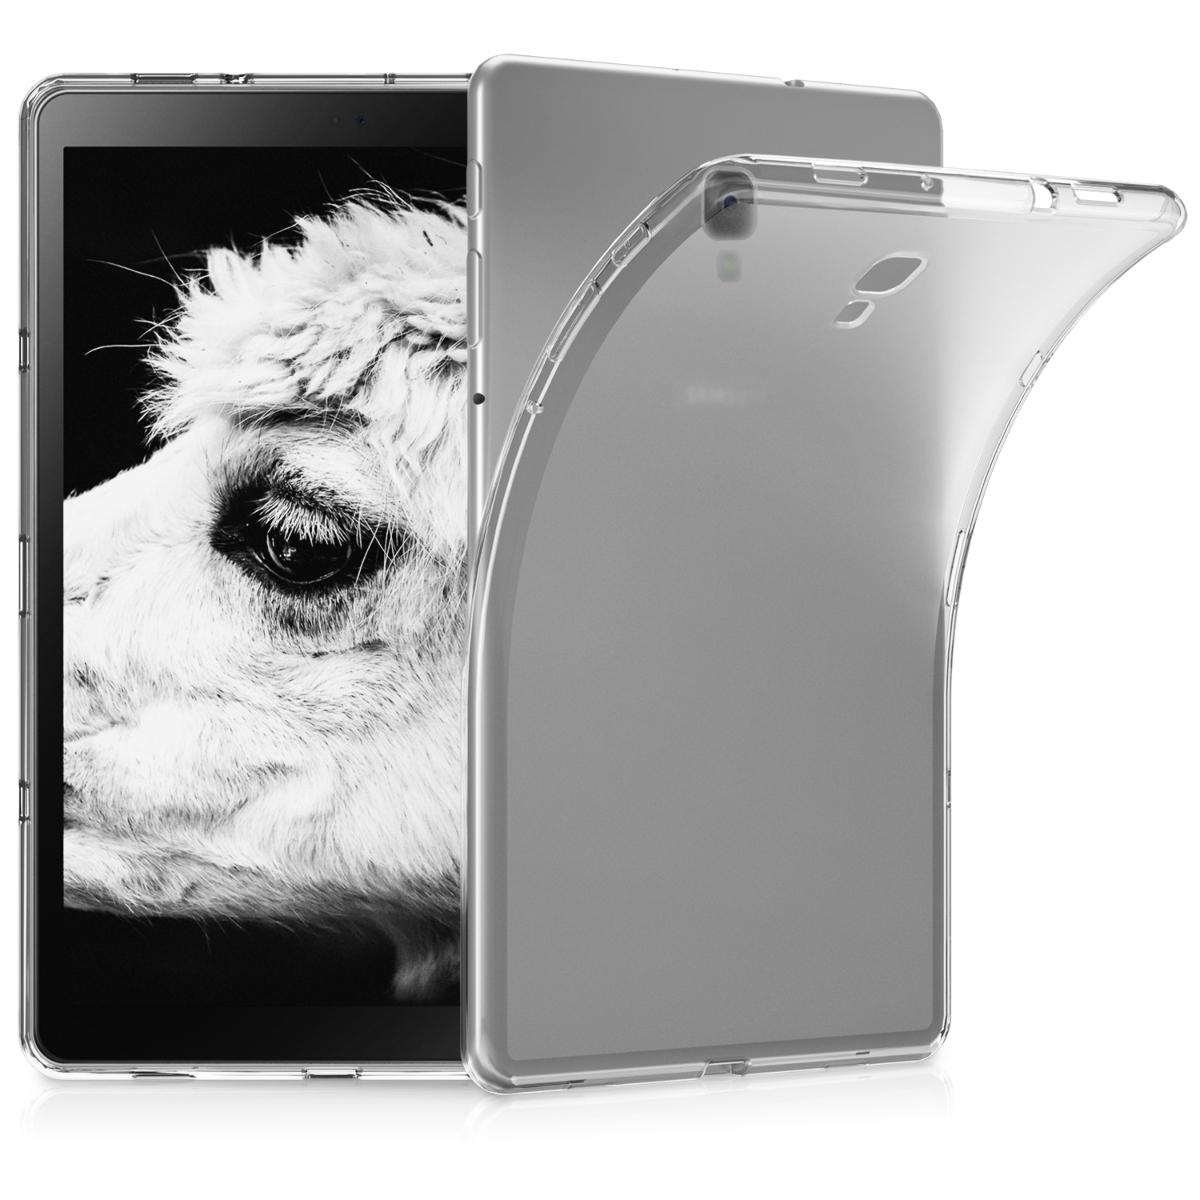 KW Θήκη Σιλικόνης Samsung Galaxy Tab A 10.5'' - Transparent (46002.03)